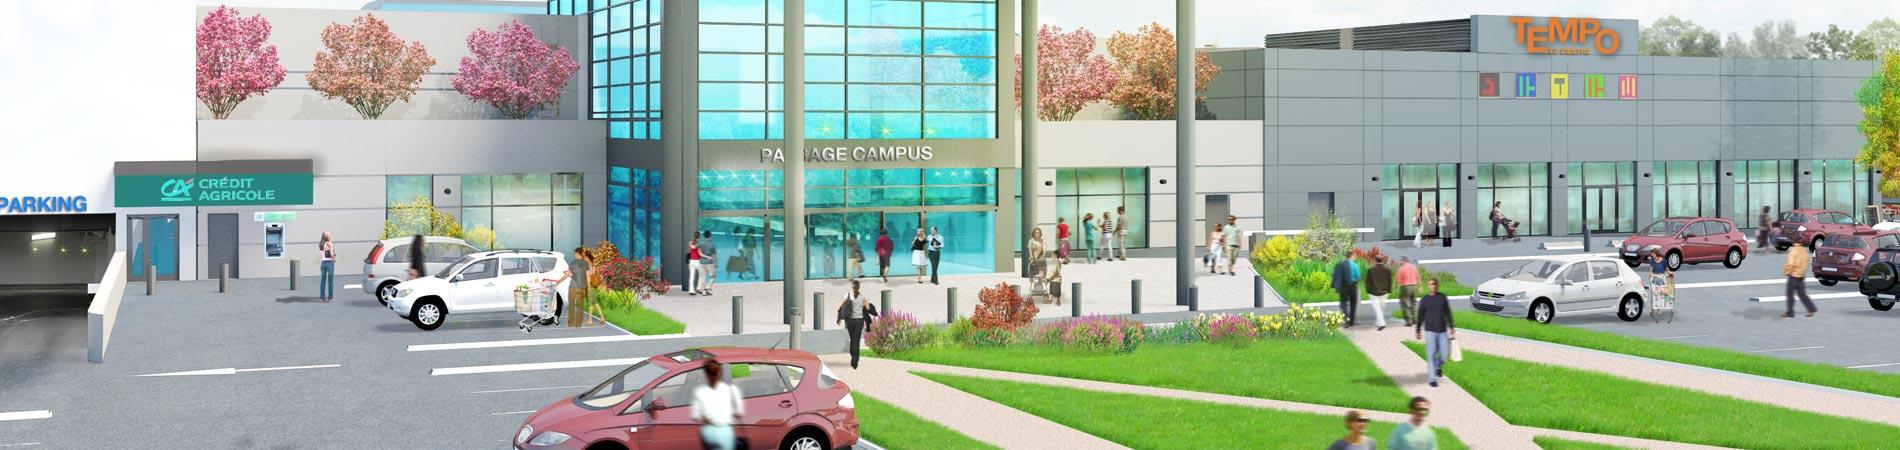 Tempo le Centre - Centre commercial E.leclerc à Pau - Entrée